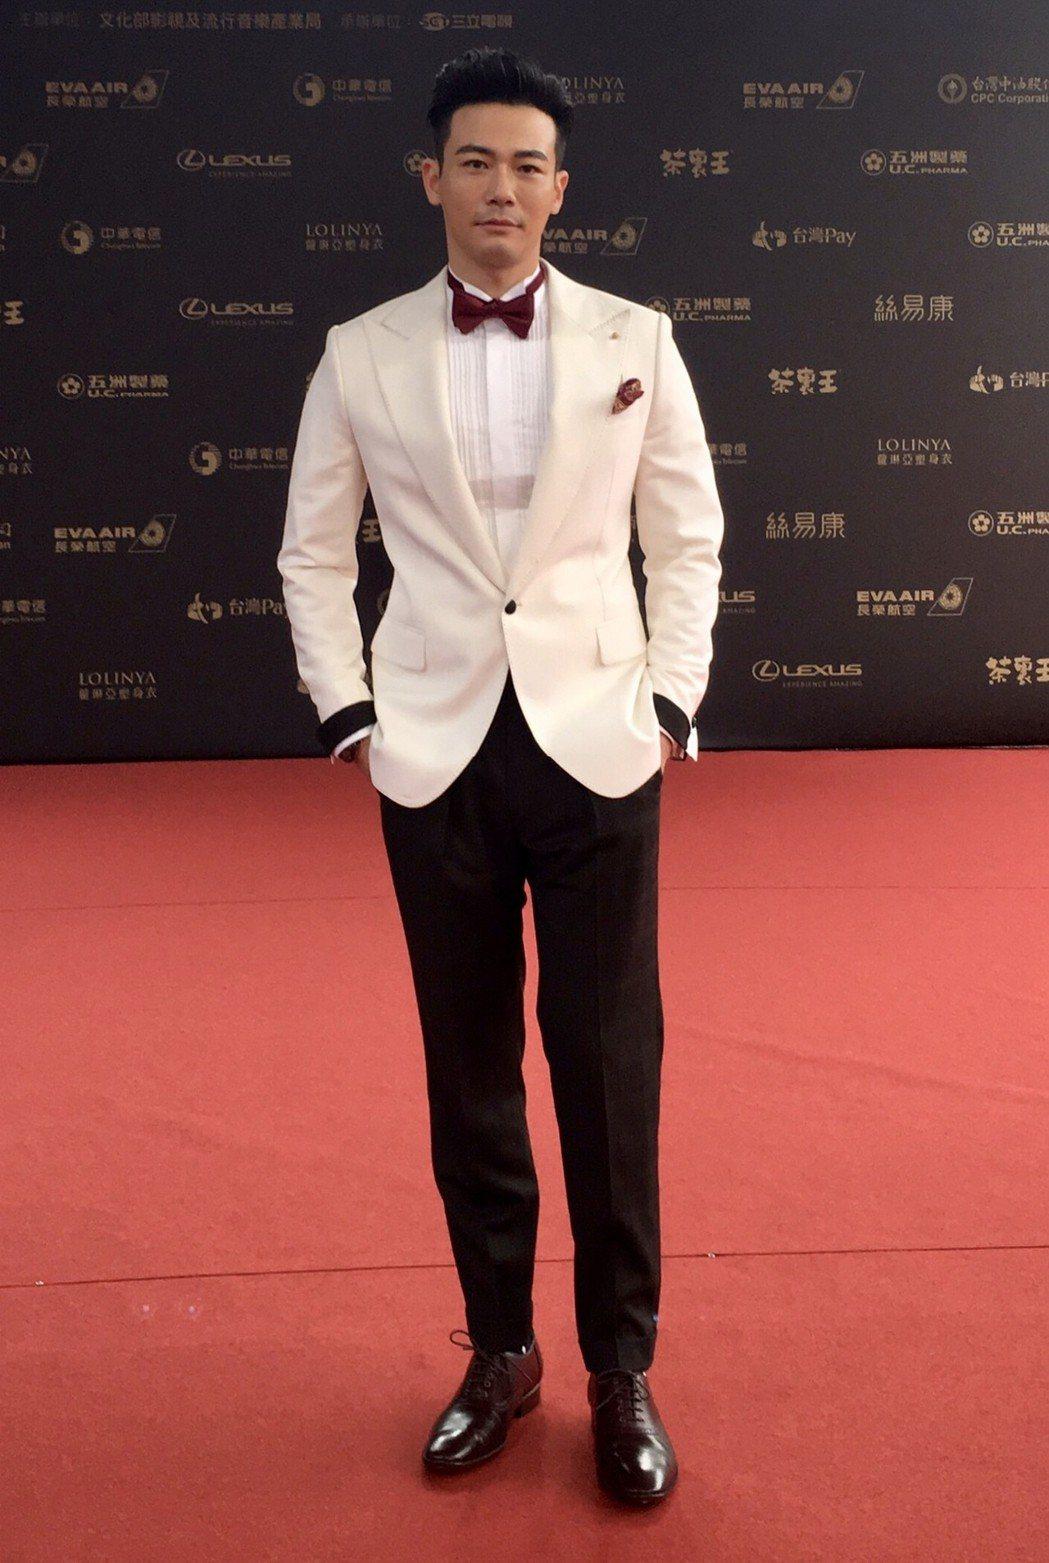 劉傑中在典禮紅毯表現口碑極佳。圖/艾迪昇提供